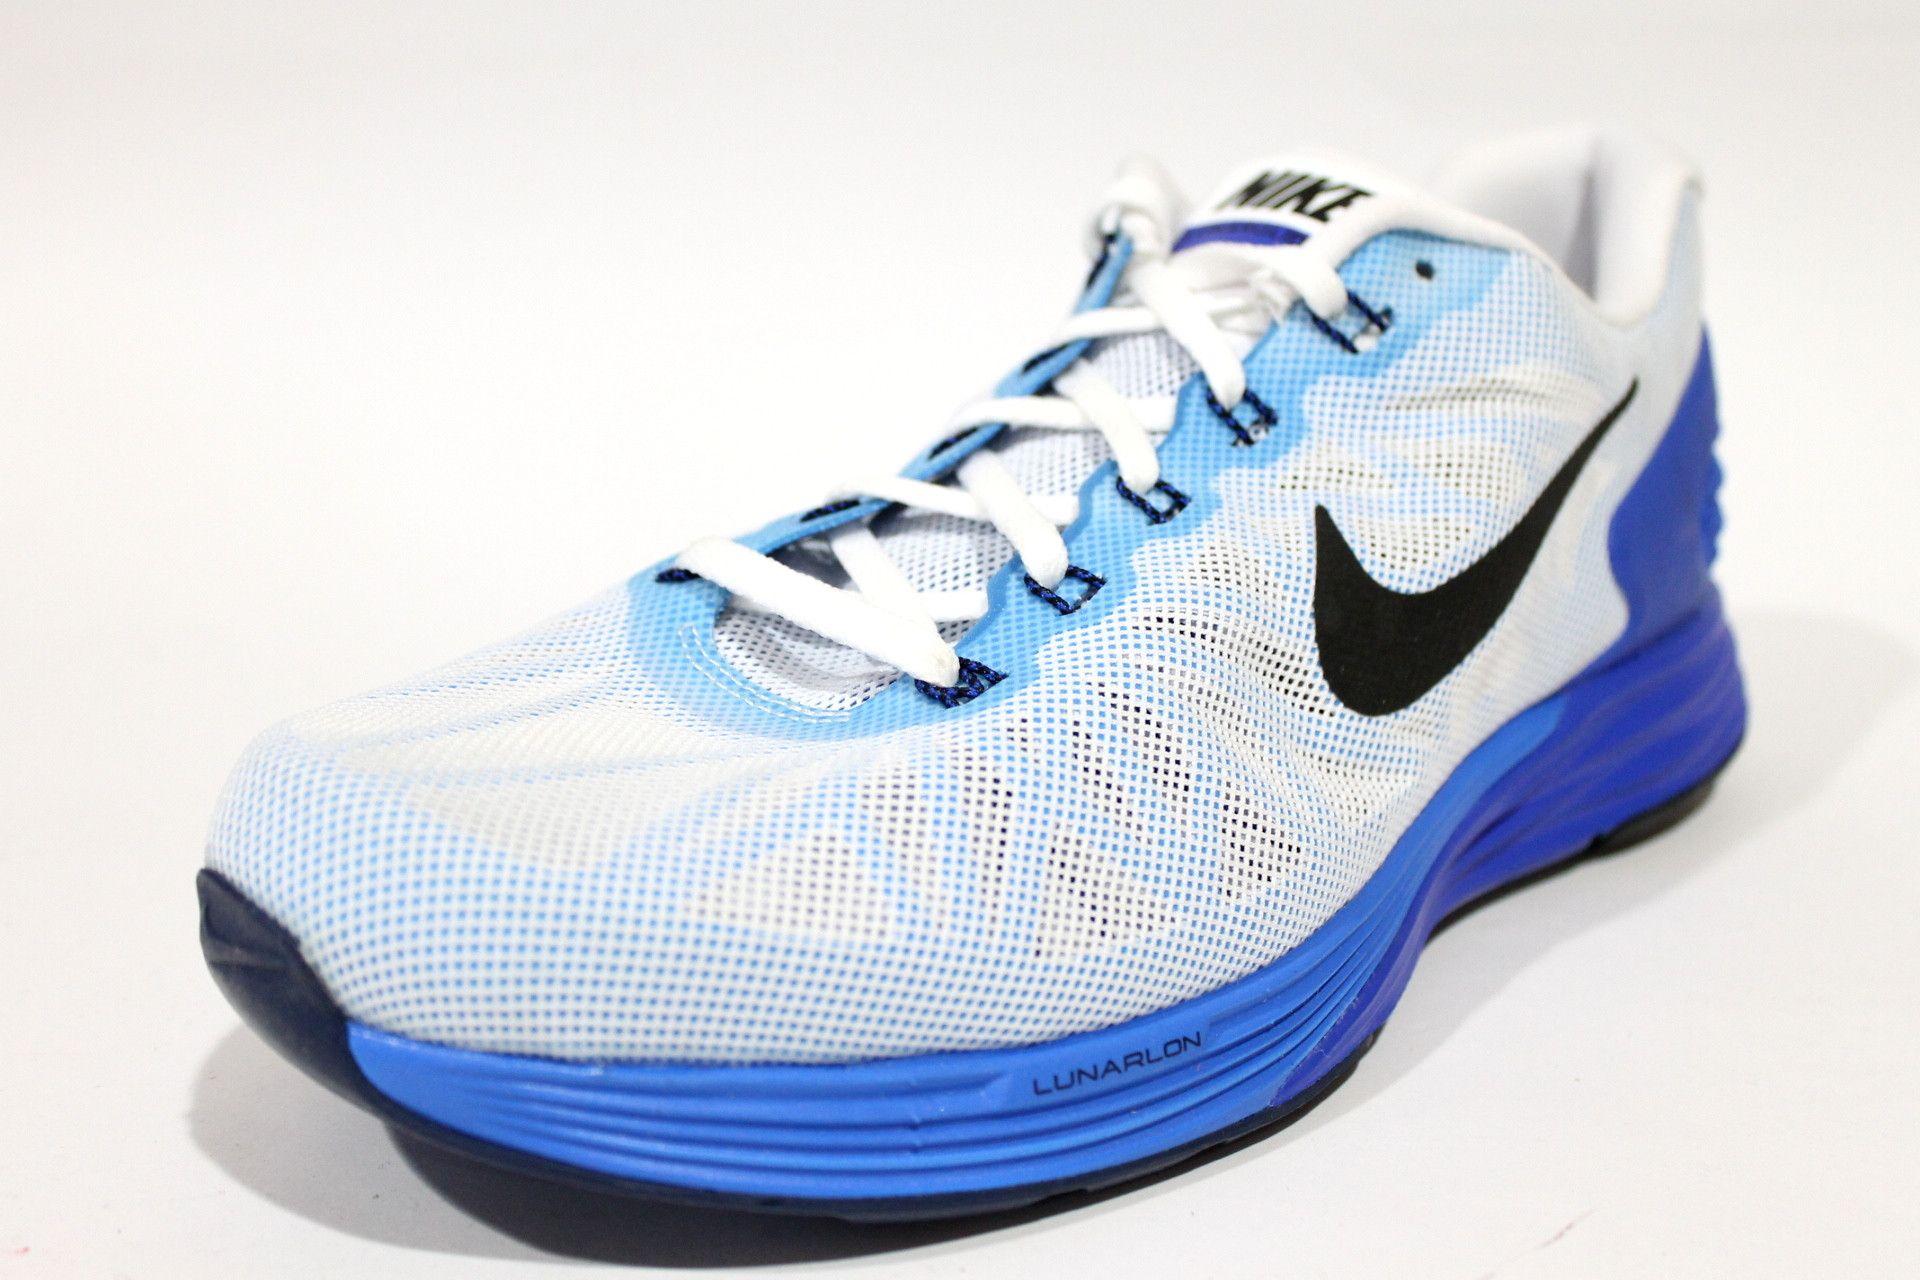 separation shoes d3deb 4d443 Nike Men s Lunarglide 6 White Lyon Blue Running Shoes 654433 104